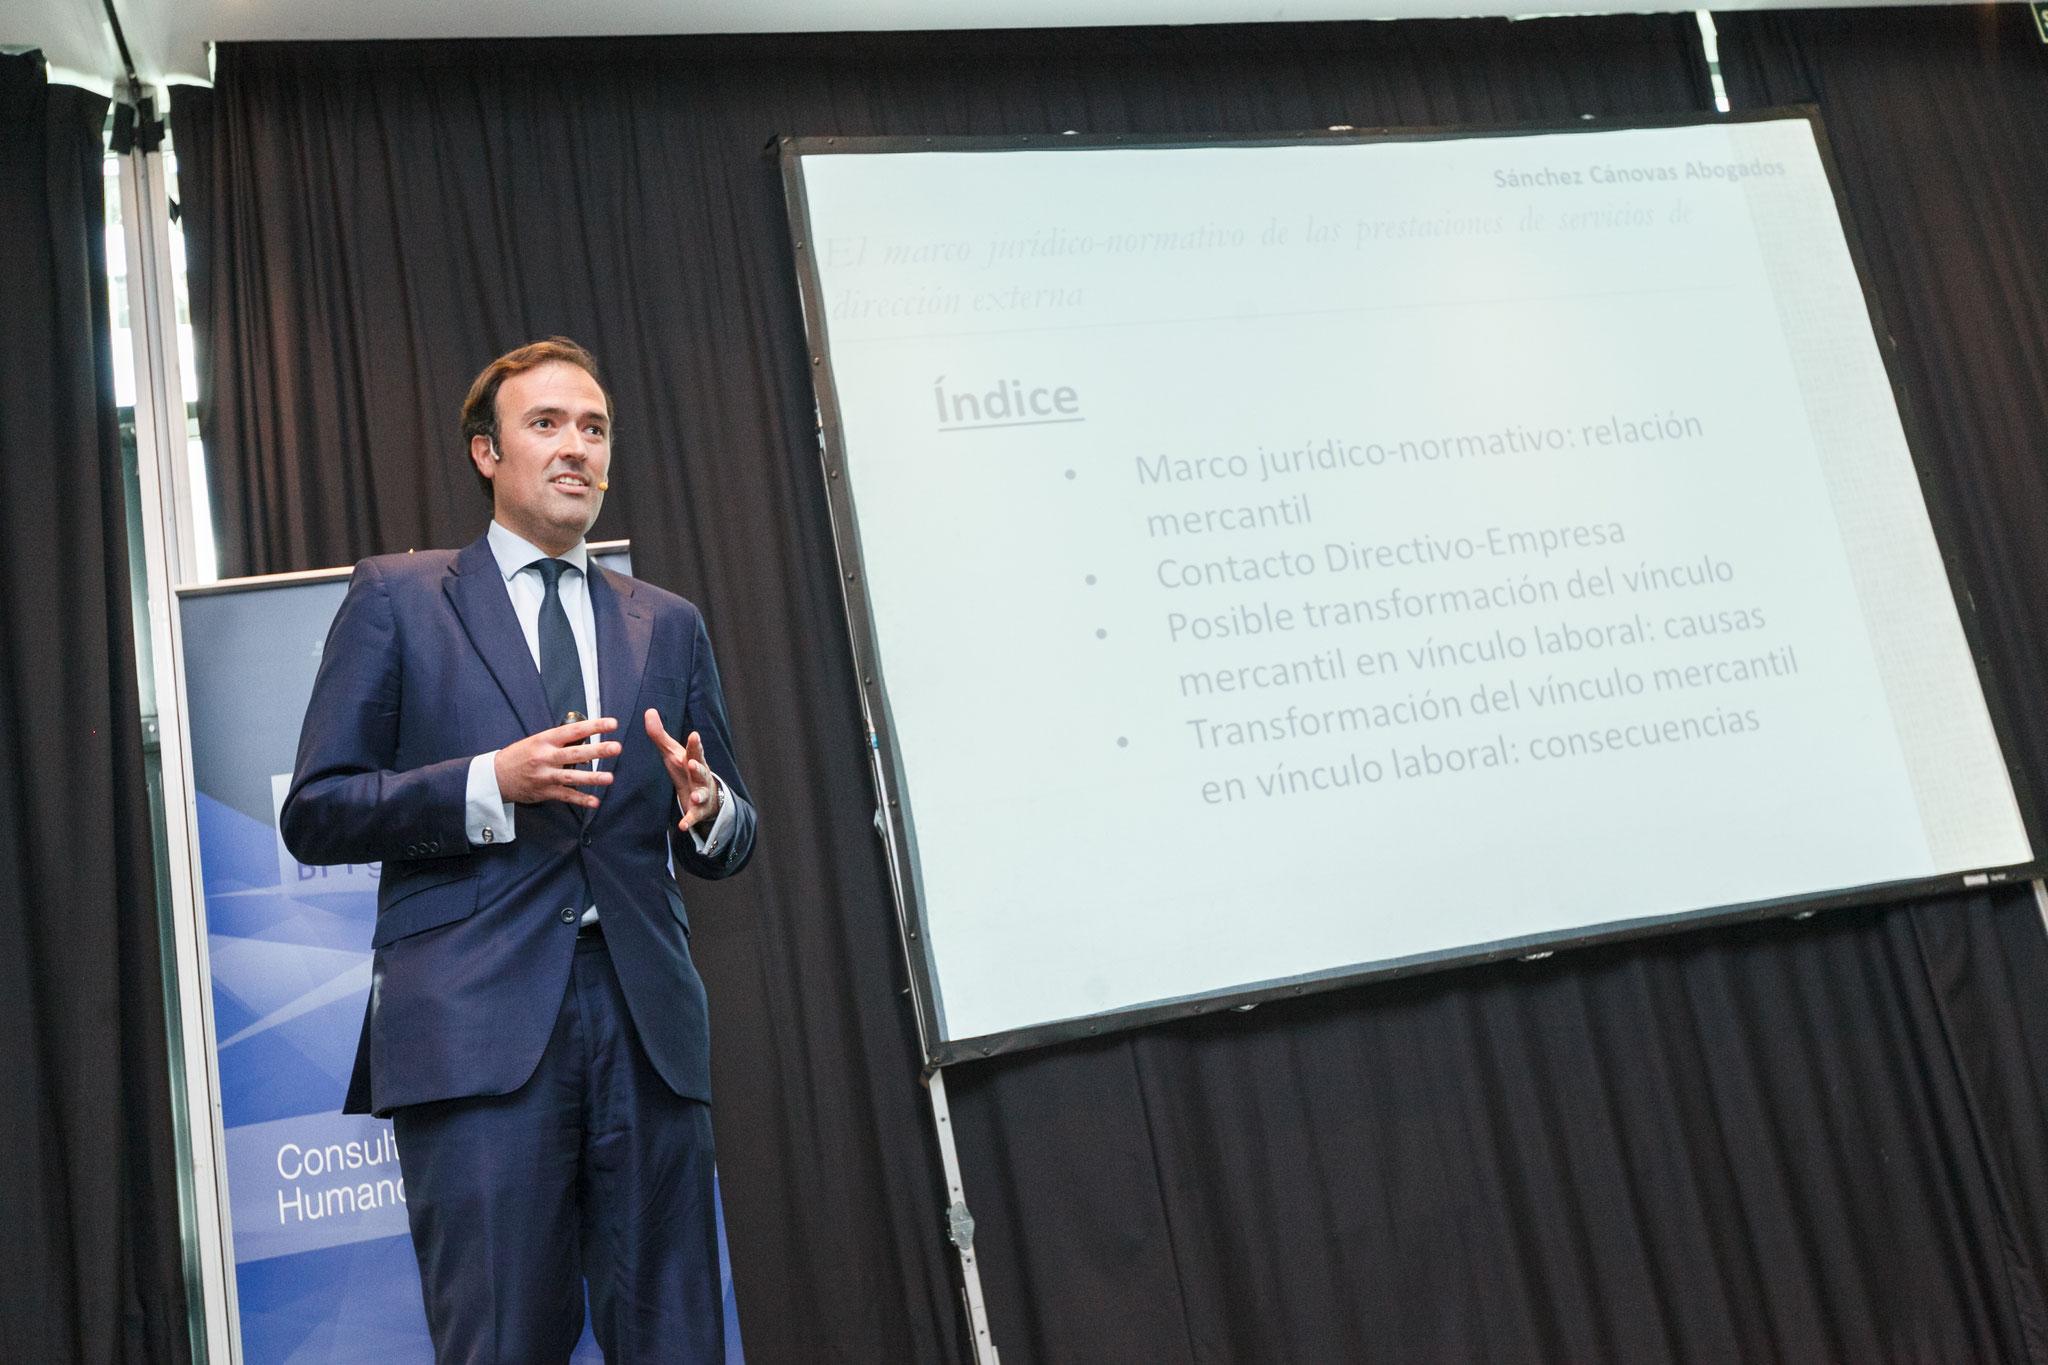 El marco jurídico-normativo de las prestaciones de servicios de dirección externa | Alejandro Sánchez Raymundo - Socio Bufete Sánchez Cánovas